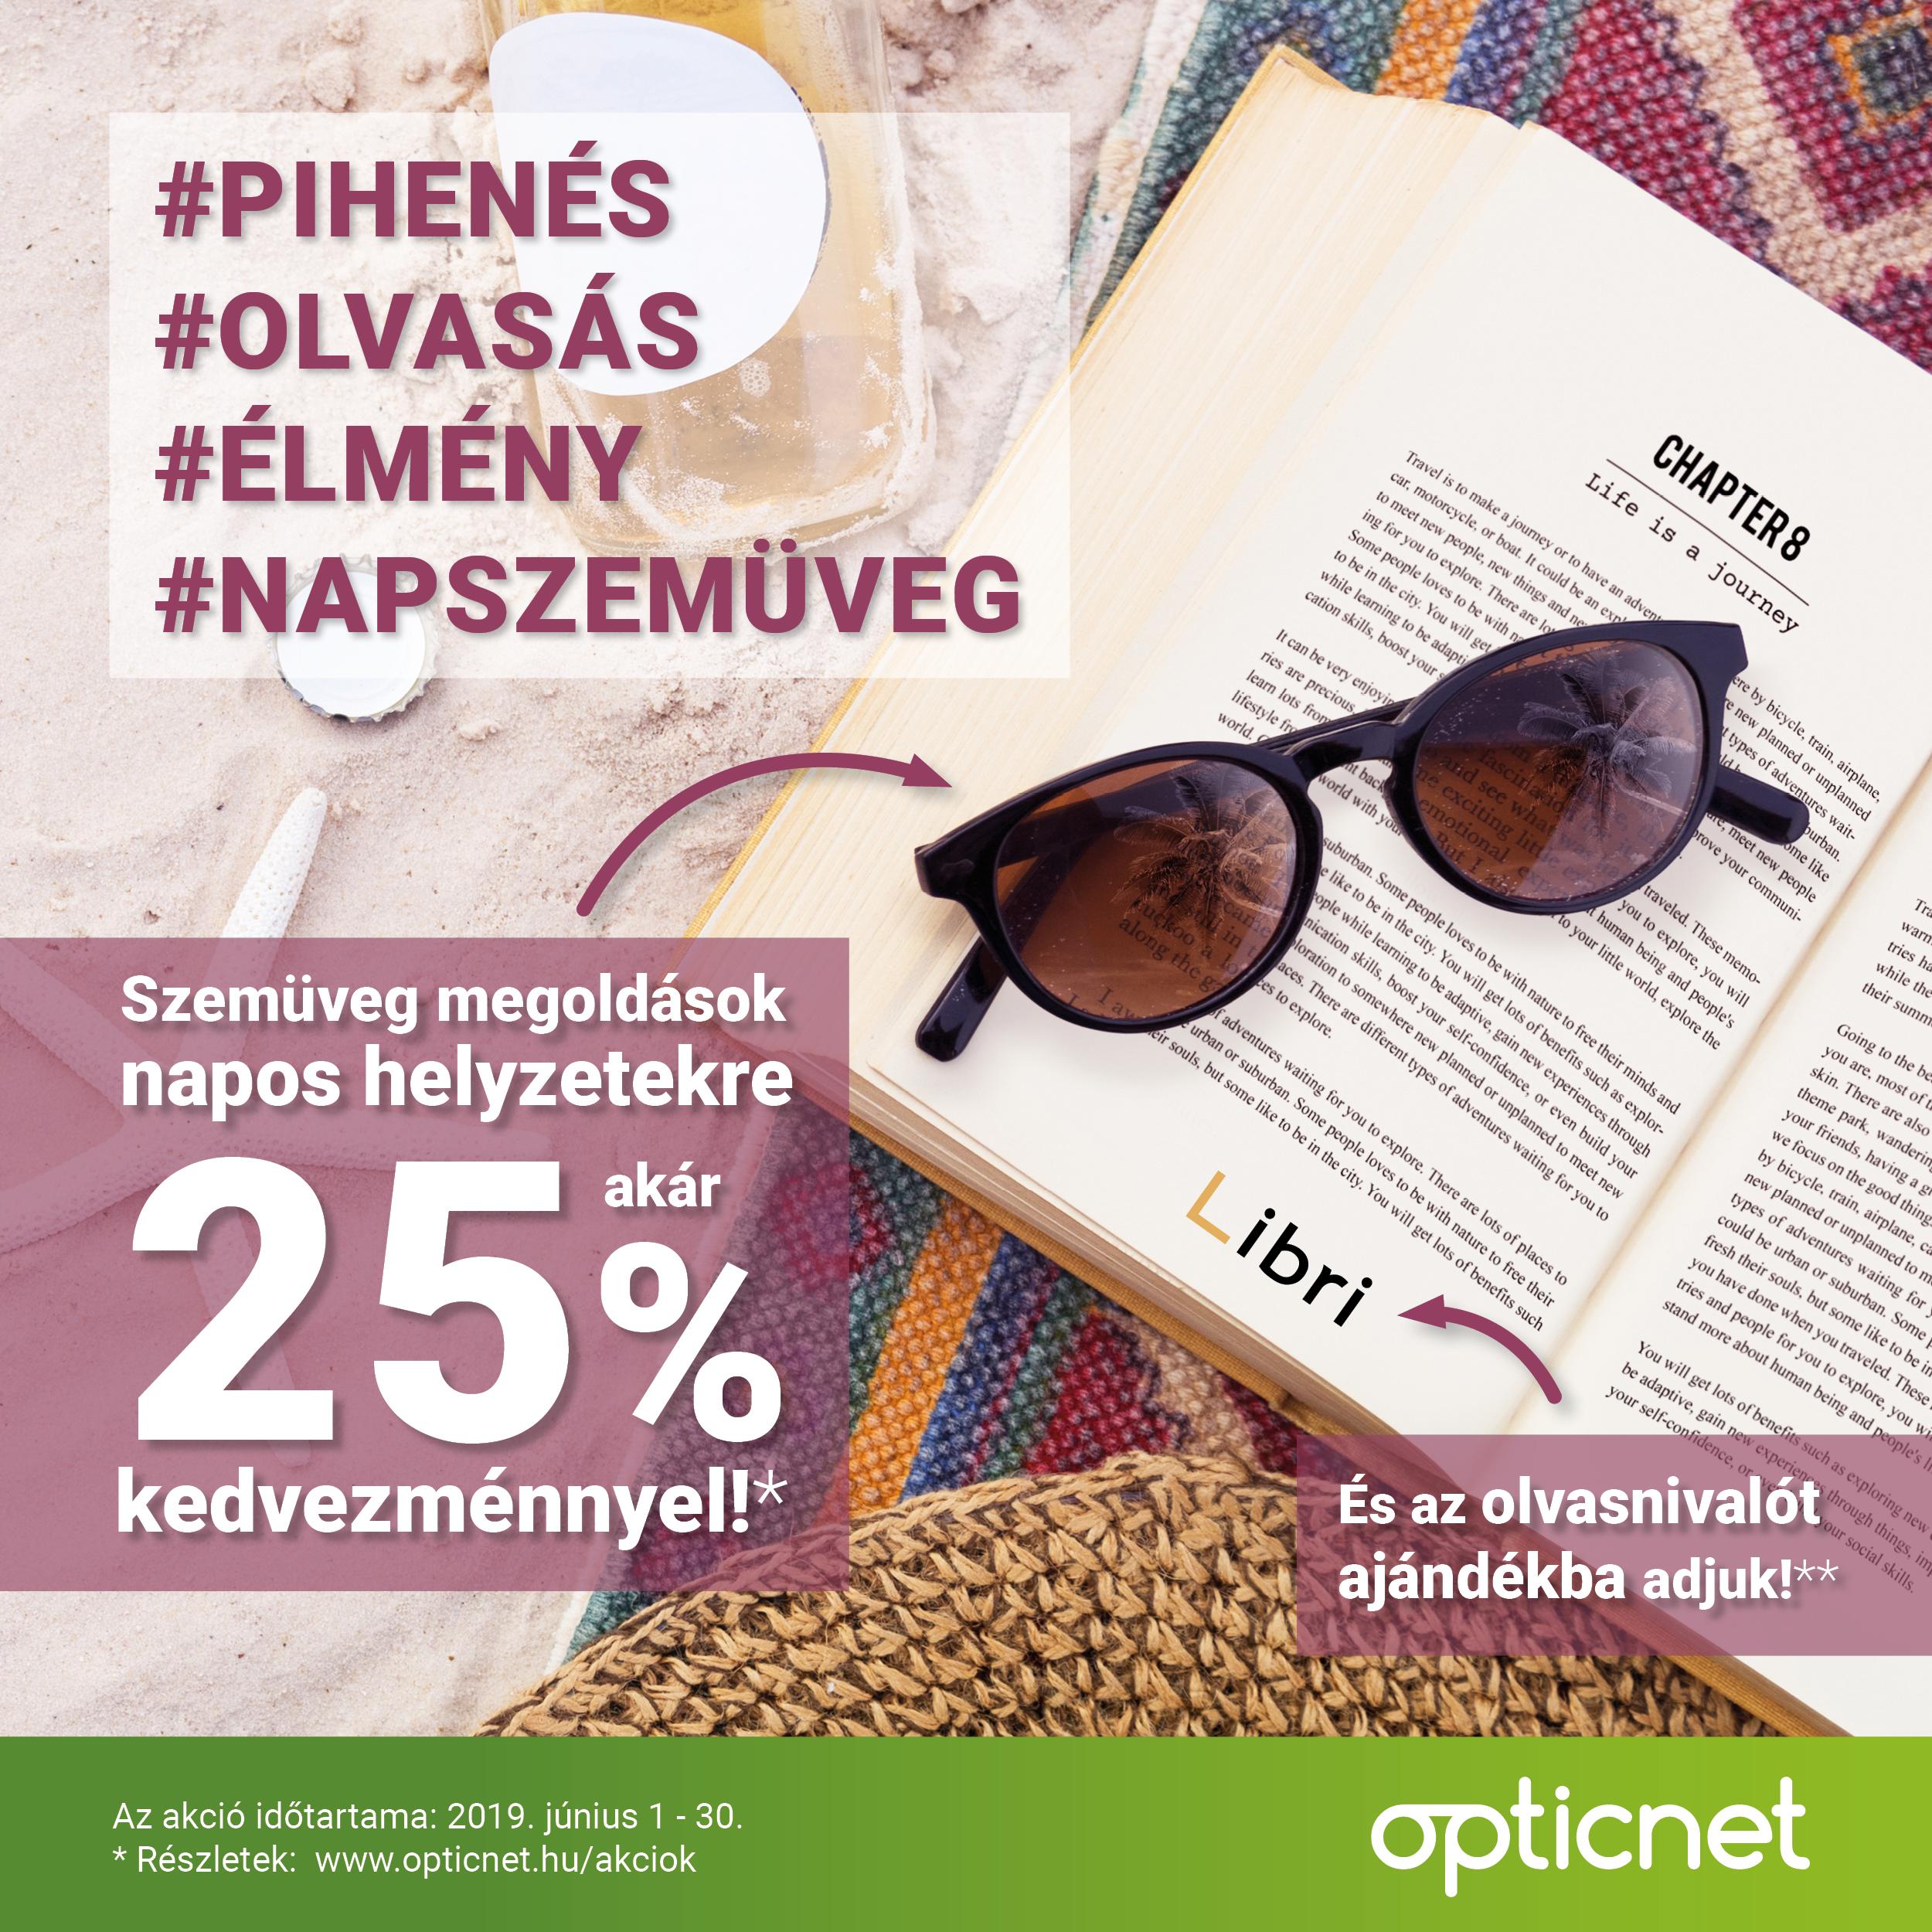 Szemüveg megoldások napos helyzetekre akár 25% kedvezménnyel